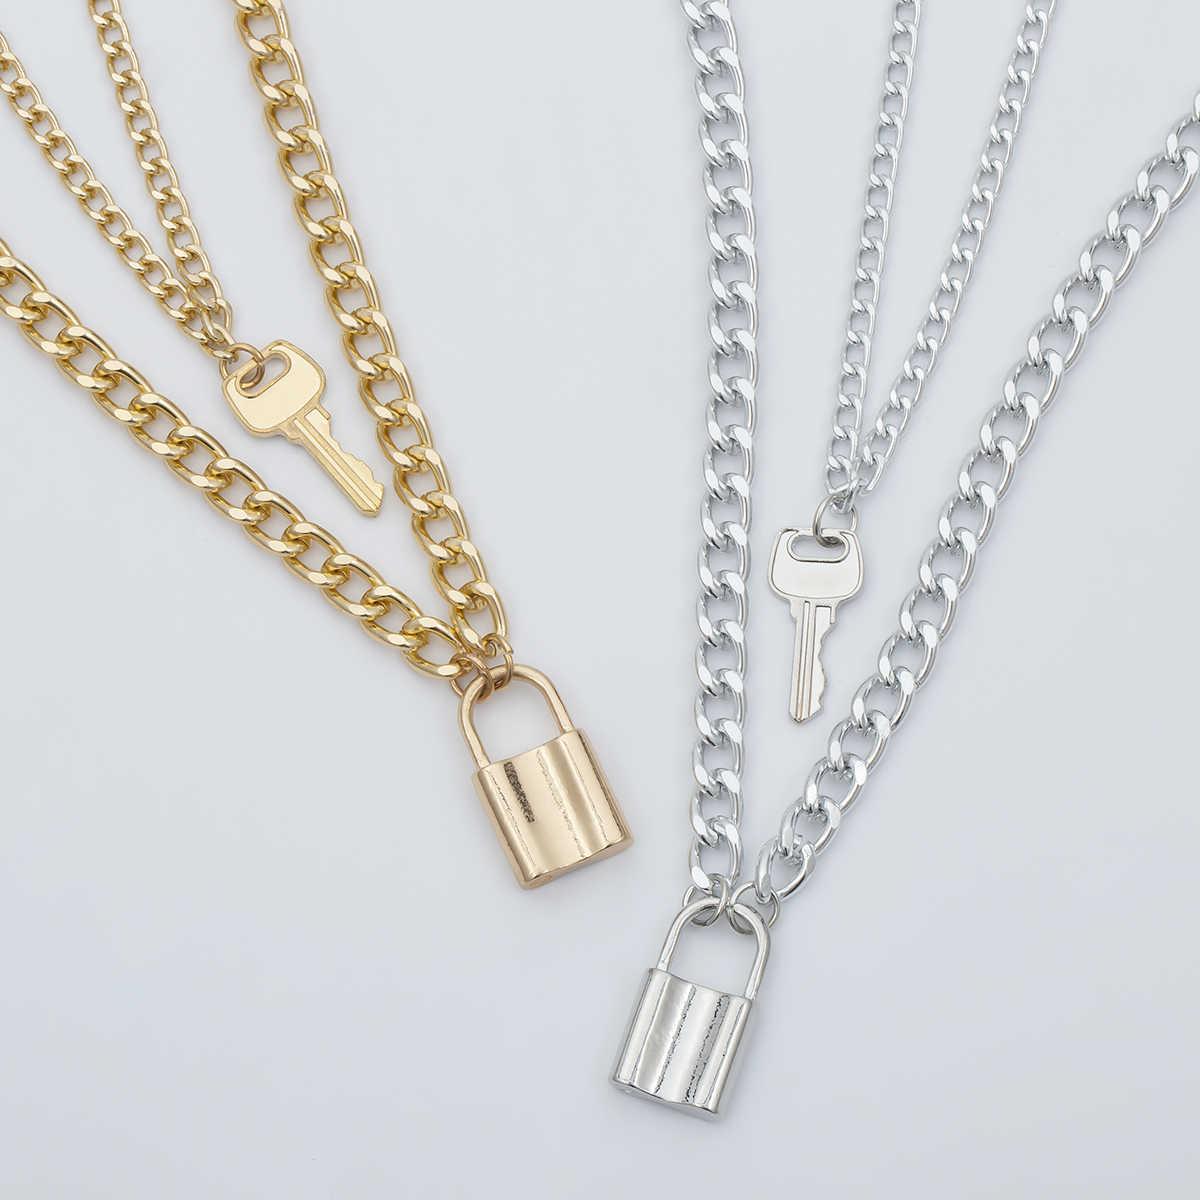 PuRui kłódka blokada wisiorek naszyjnik typu choker z charmsami z kluczem srebrny długi złoty łańcuch Punk Goth oświadczenie naszyjnik dla kobiet biżuteria